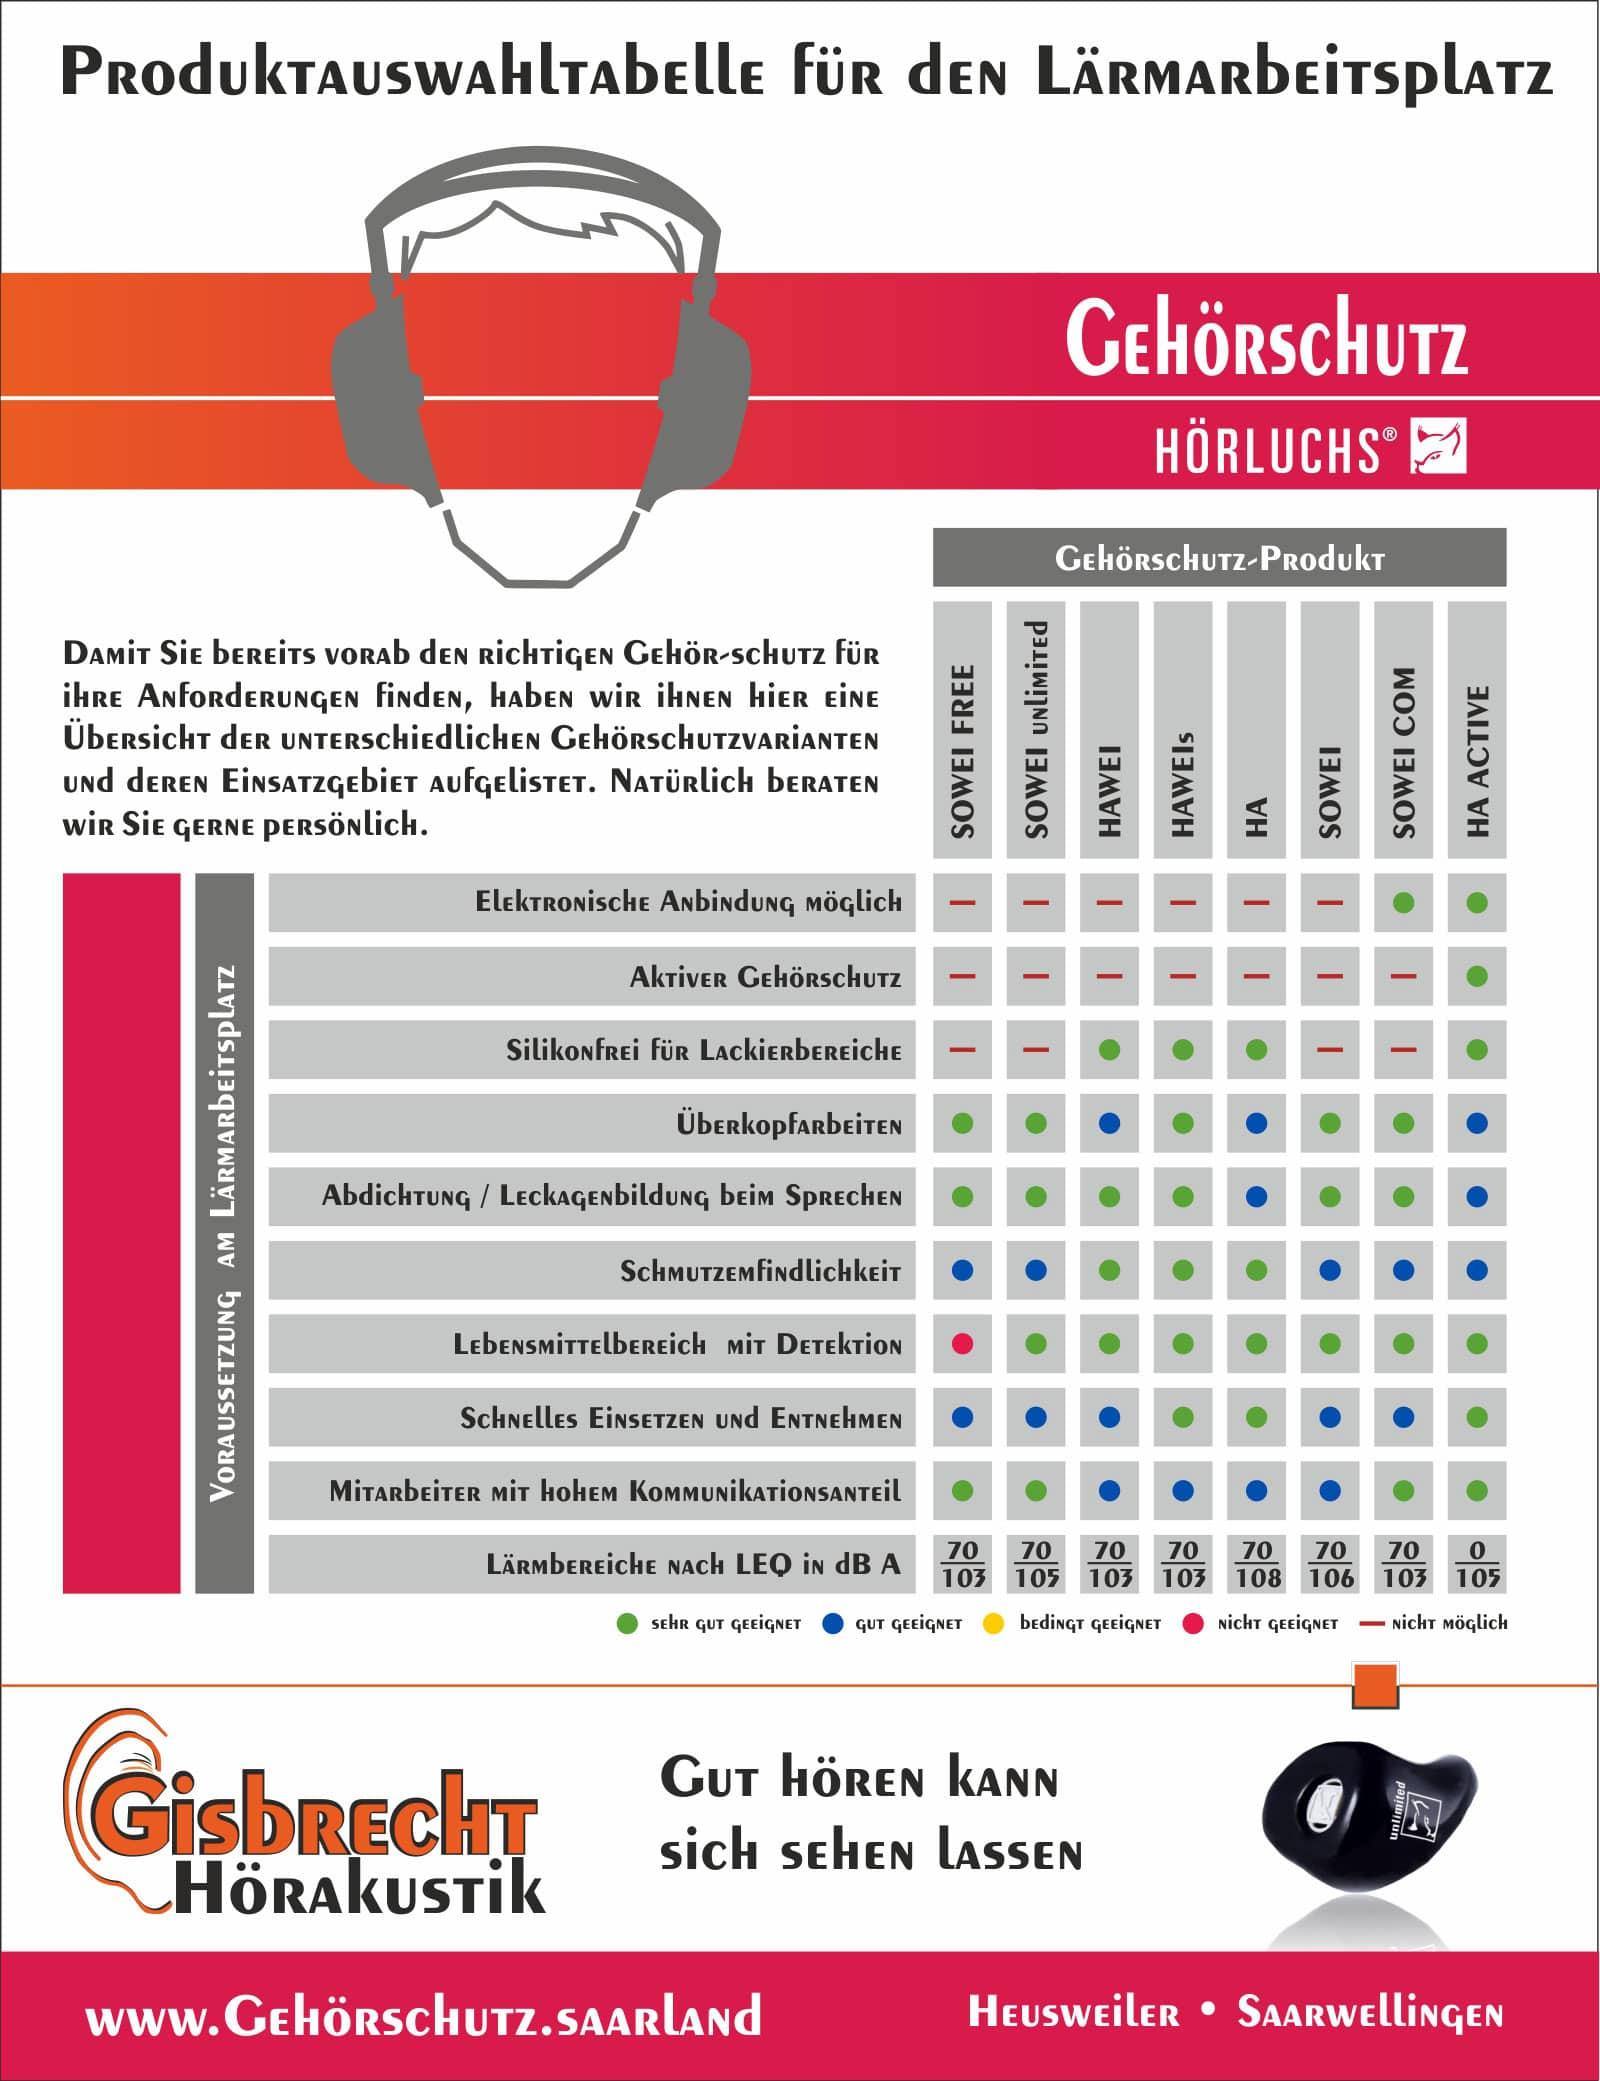 Produktauswahltabelle für den Lärmarbeitsplatz - Gisbrecht Hörakustik - Welches ist der richtige individuell angepasste Gehörschutz?